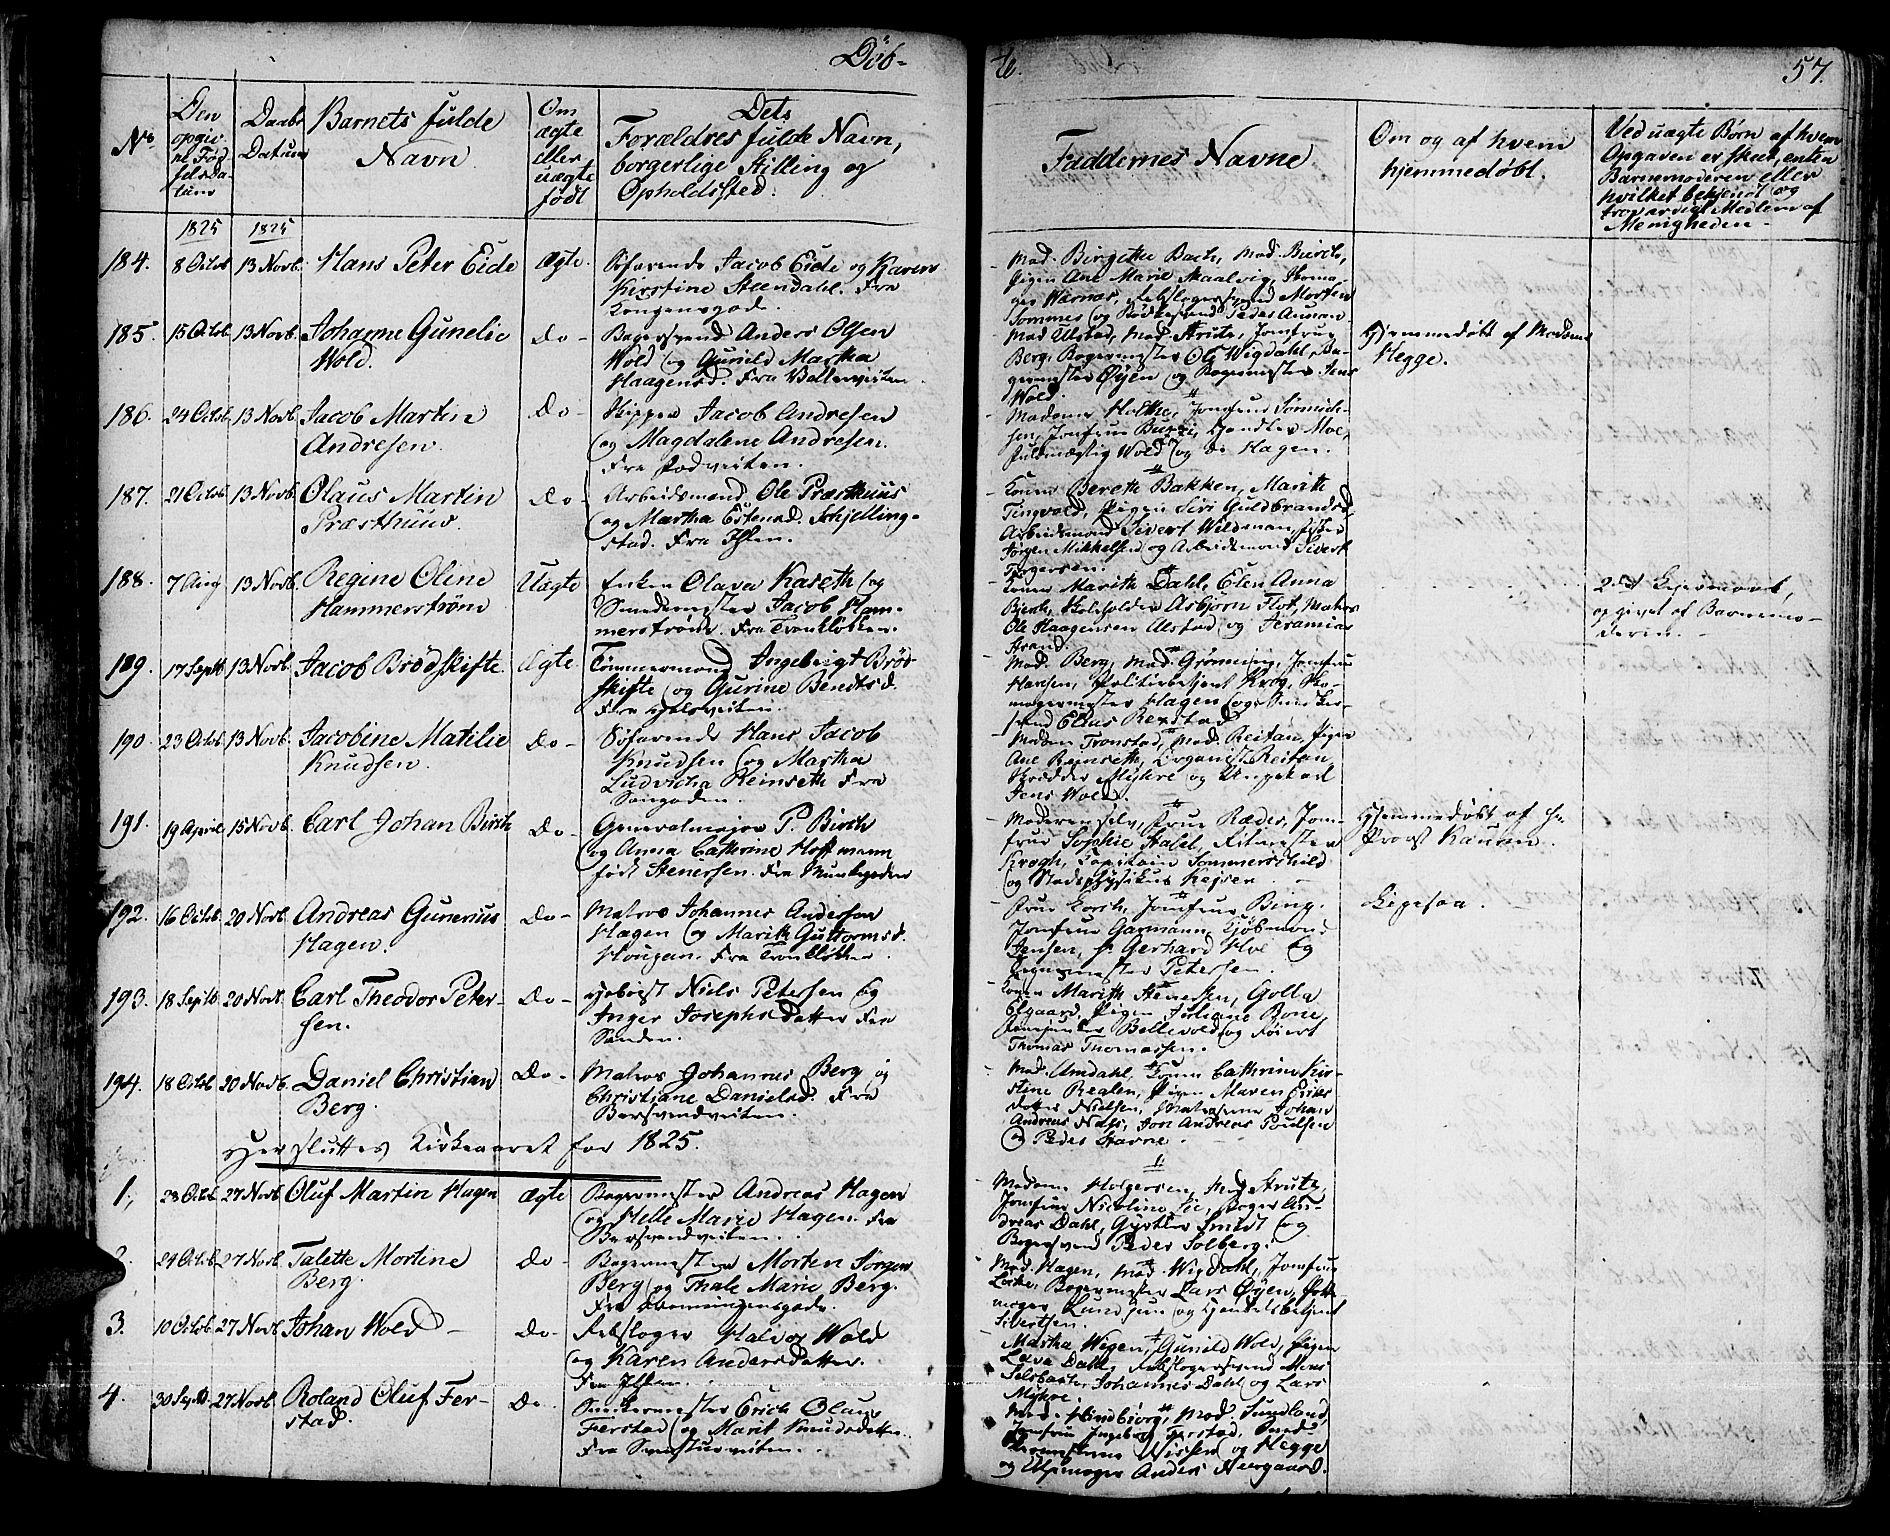 SAT, Ministerialprotokoller, klokkerbøker og fødselsregistre - Sør-Trøndelag, 601/L0045: Ministerialbok nr. 601A13, 1821-1831, s. 57